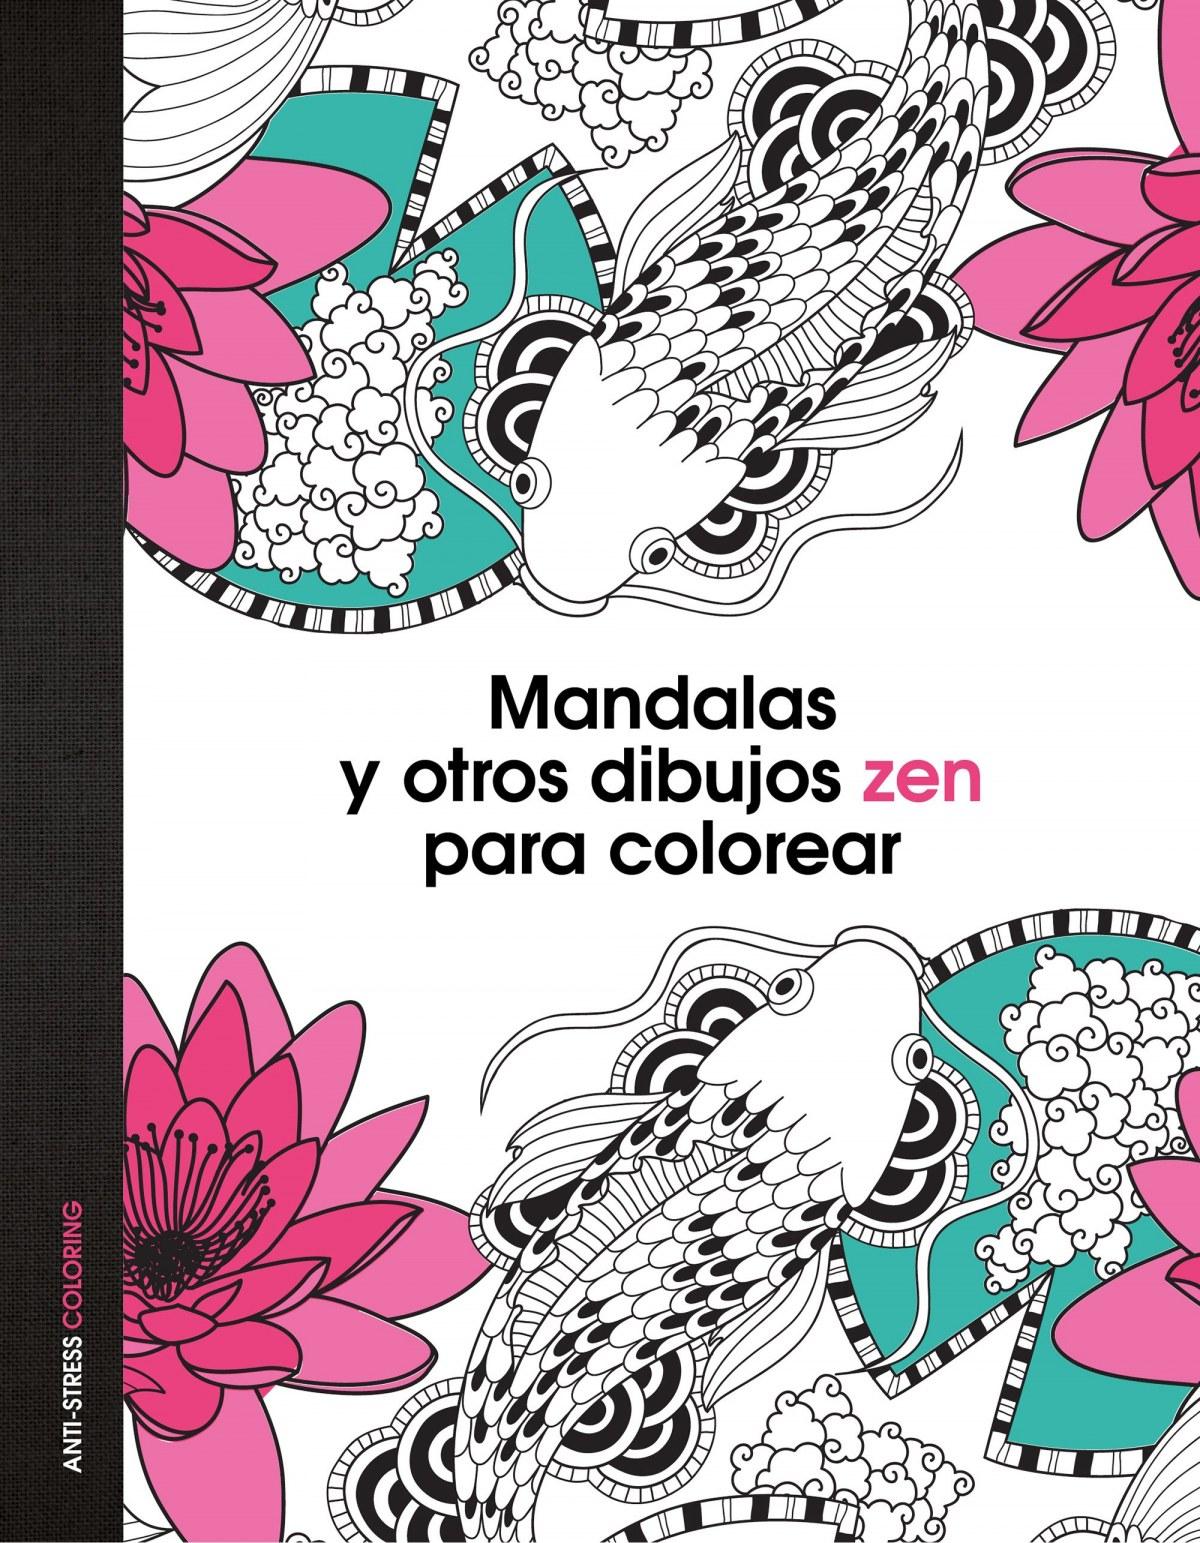 Mandalas y otros dibujos zen para colorear 9788408139652